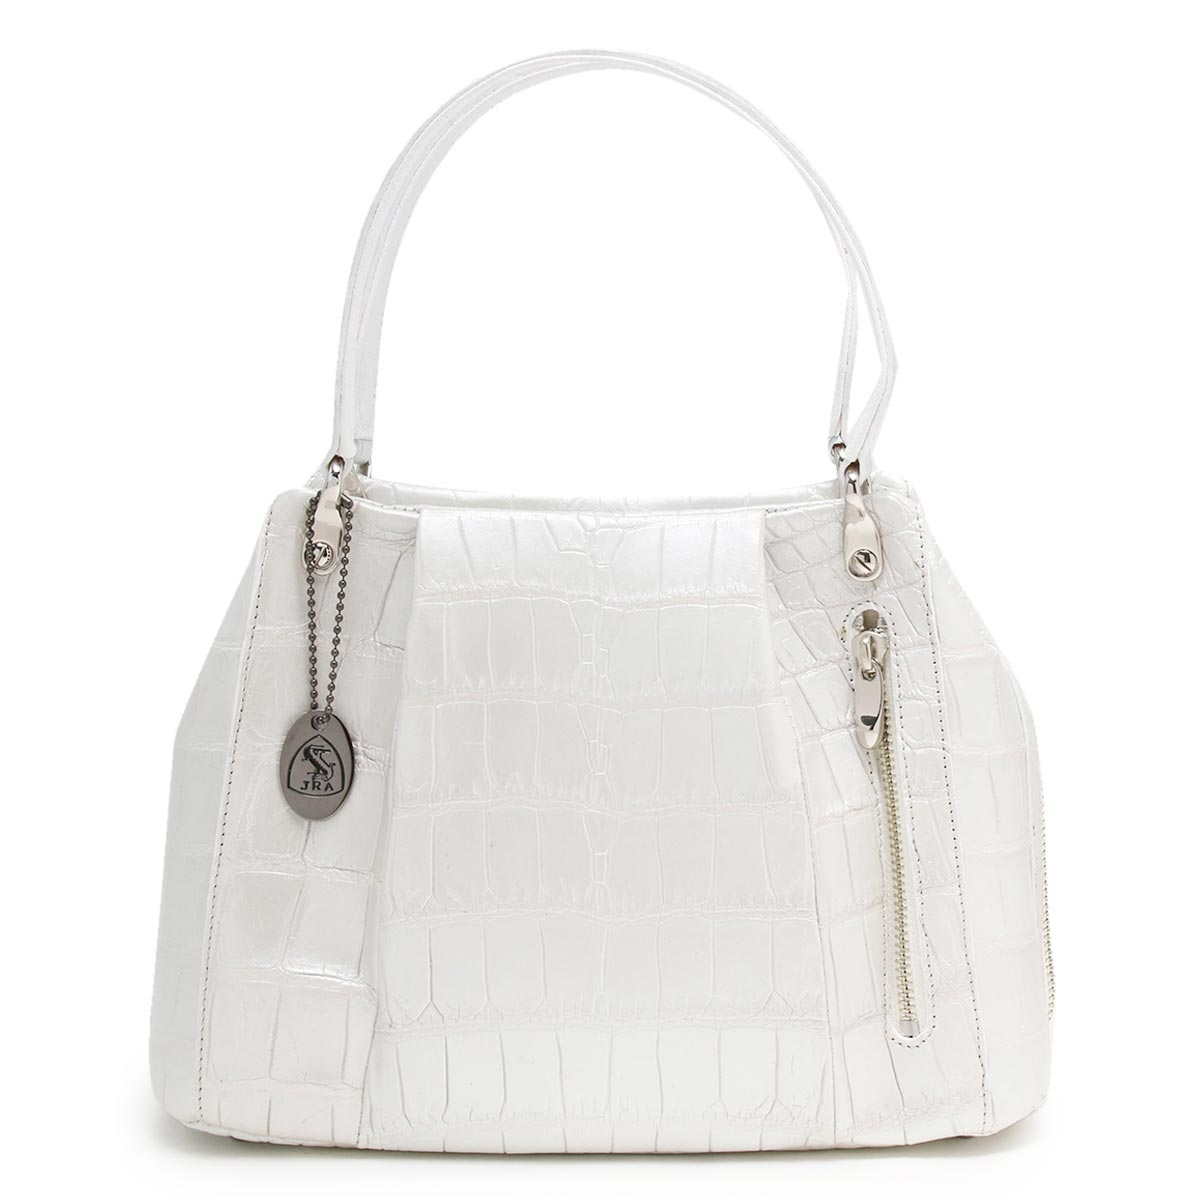 本革 ハンドバッグ バッグ レディース クロコ パールホワイト CRB027 PWH Leather